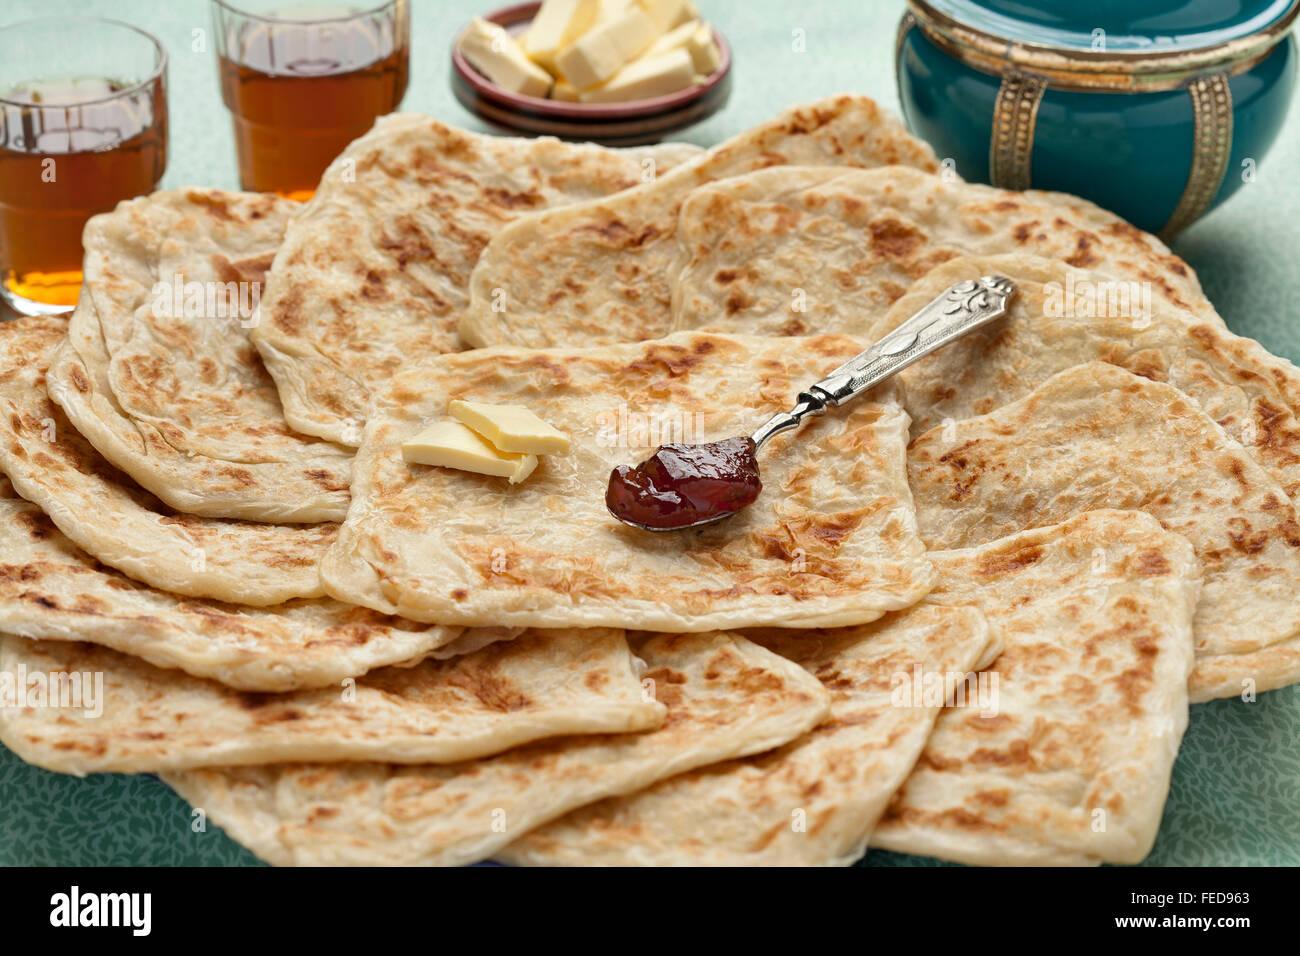 Recién horneadas plaza marroquí tortitas llamado Rghaif Msemen o con mantequilla y mermelada Imagen De Stock